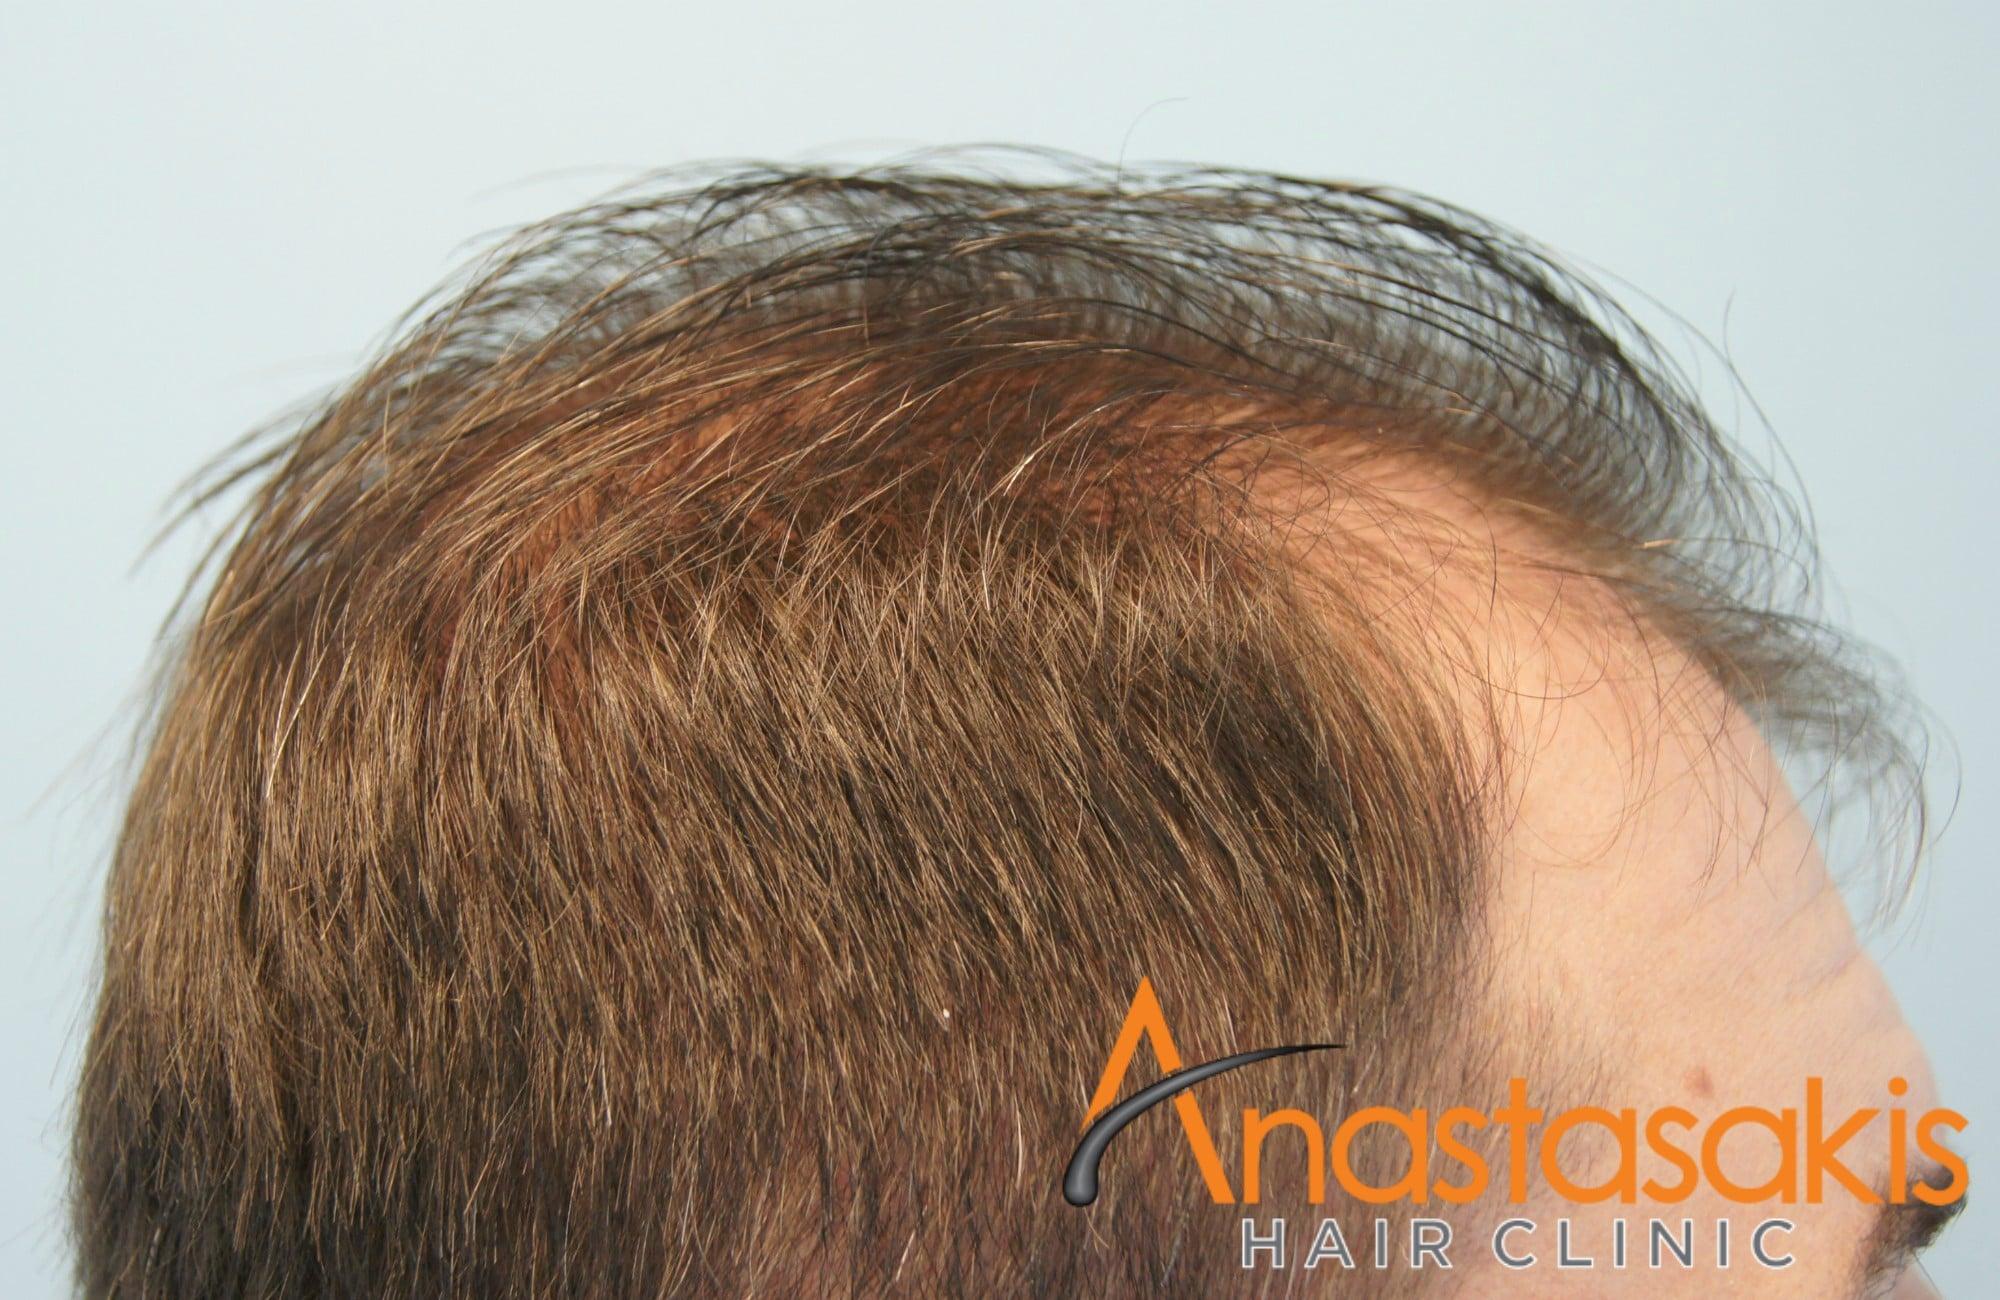 αριστερο προφιλ ασθενους πριν τη μεταμοσχευση μαλλιων με fue με 1700 fus 1